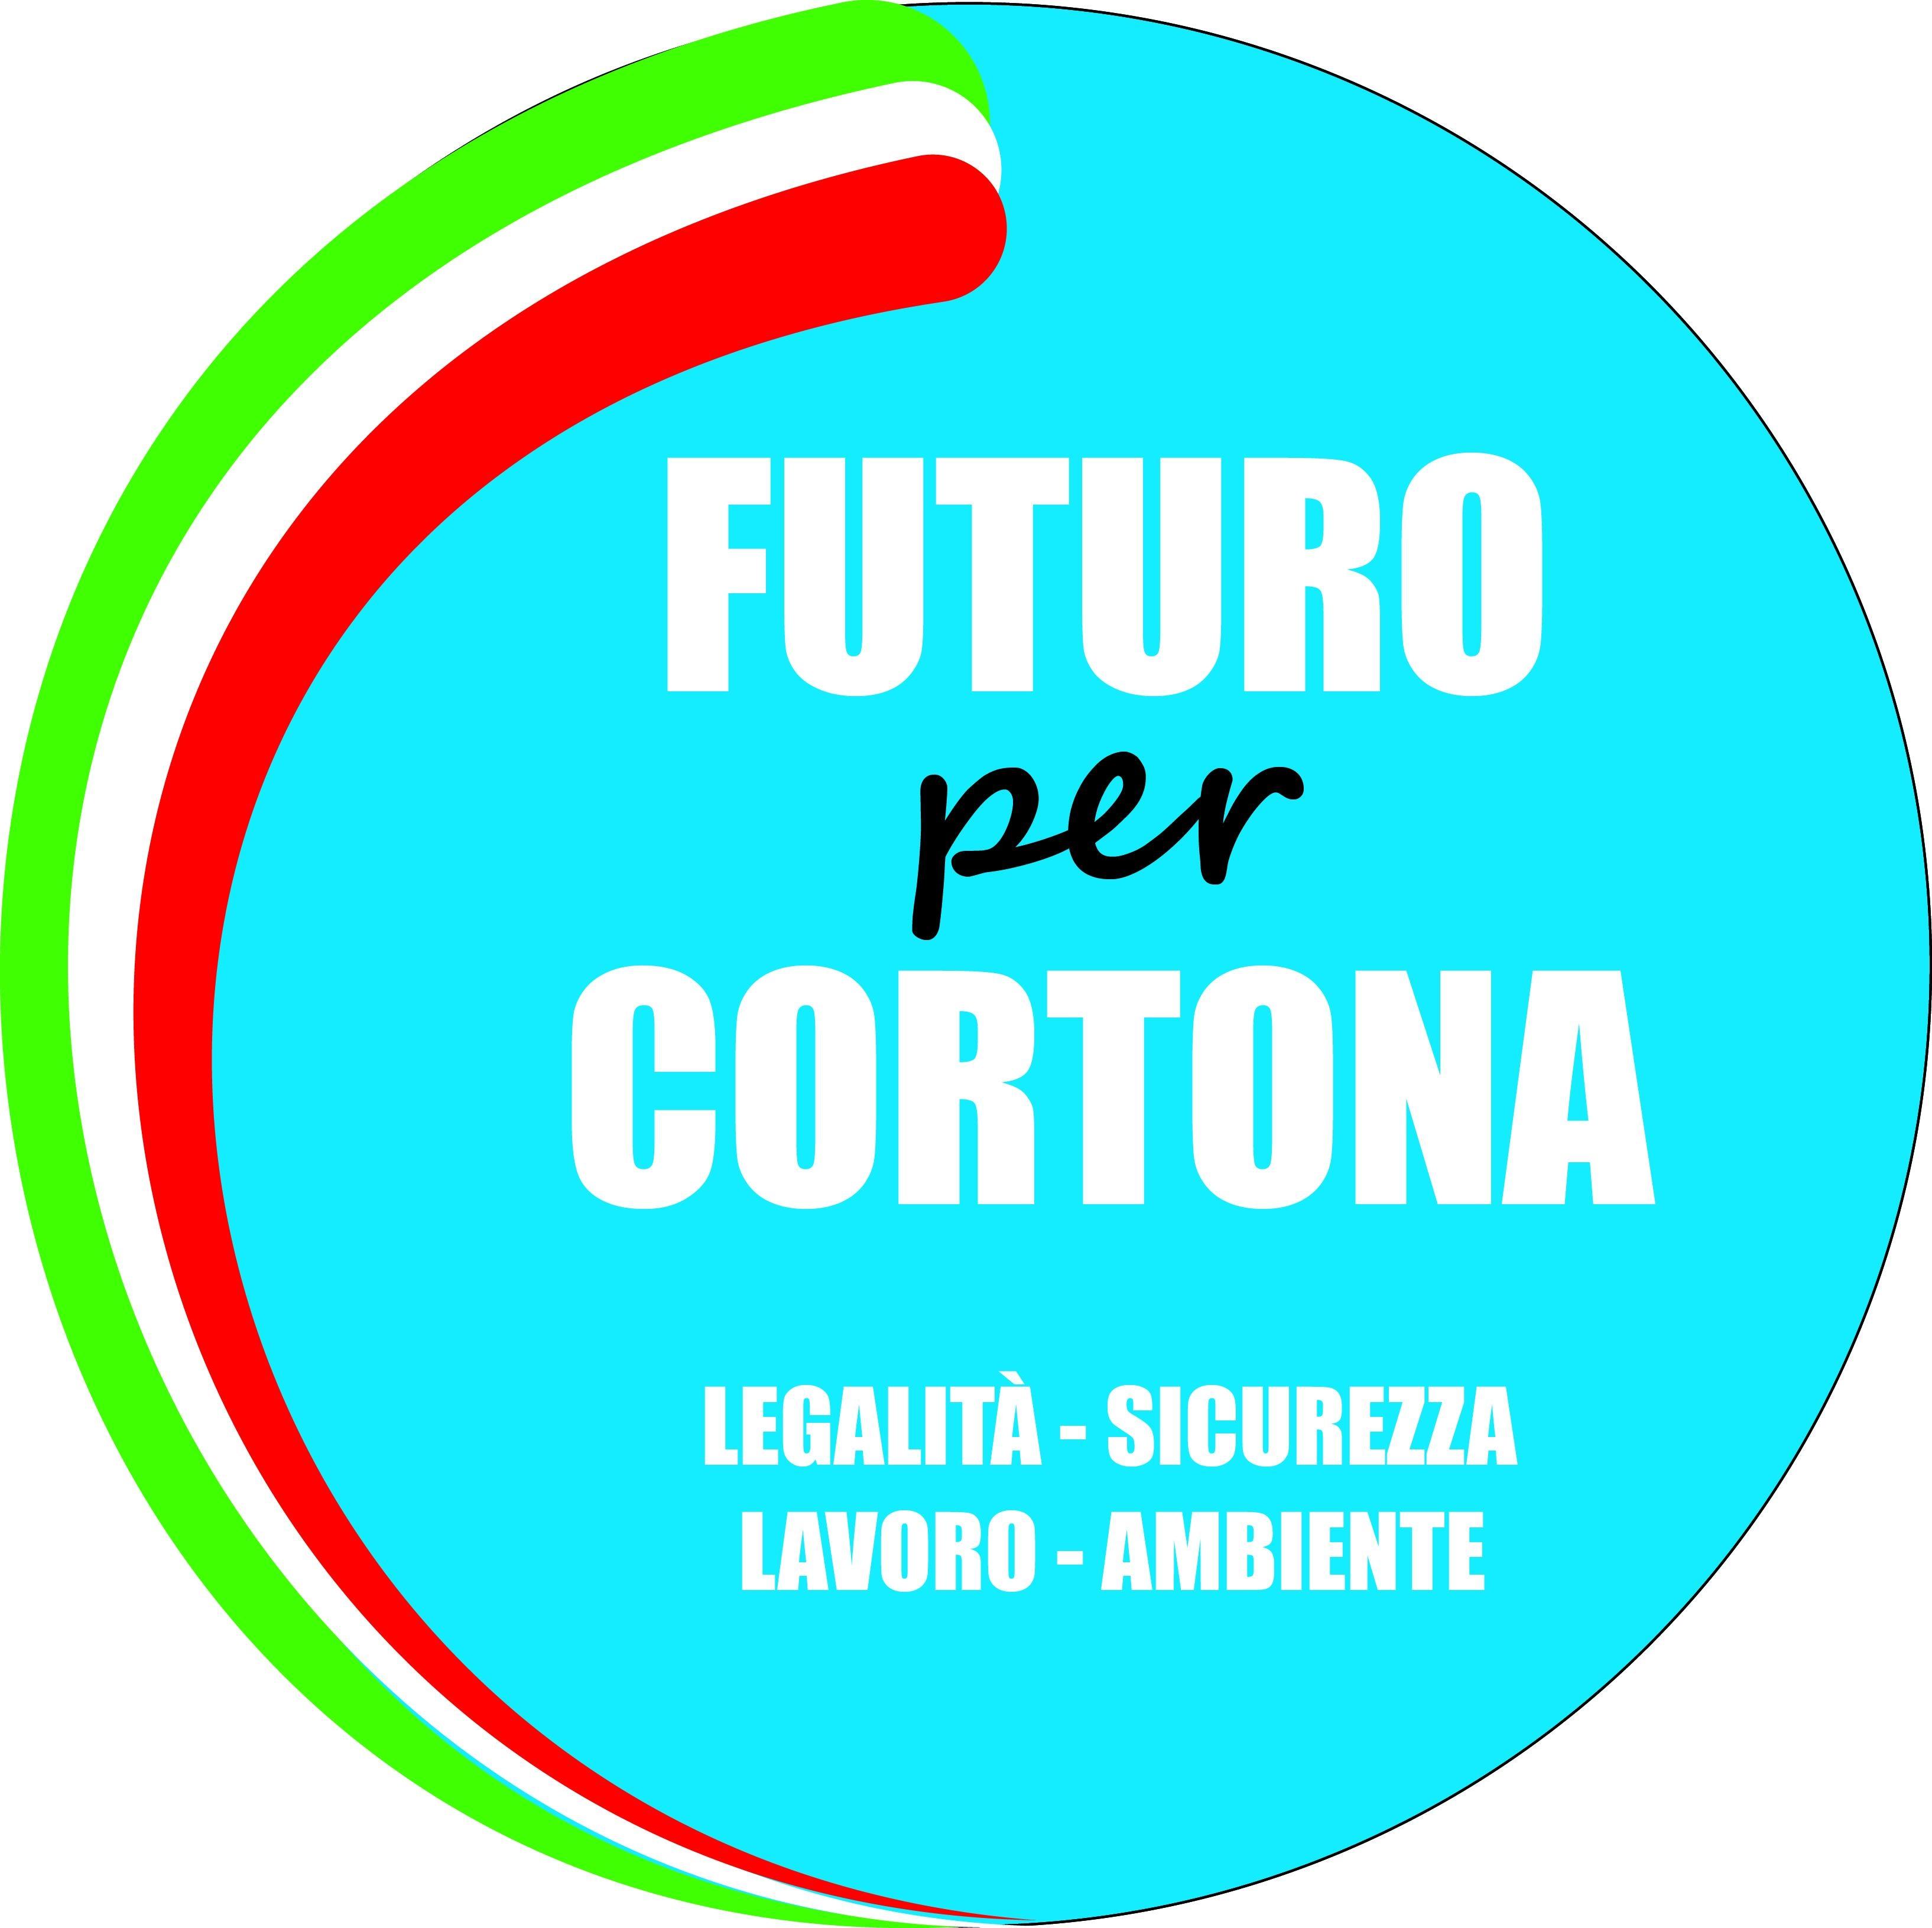 Futuro per Cortona sull'Ospedale di Fratta